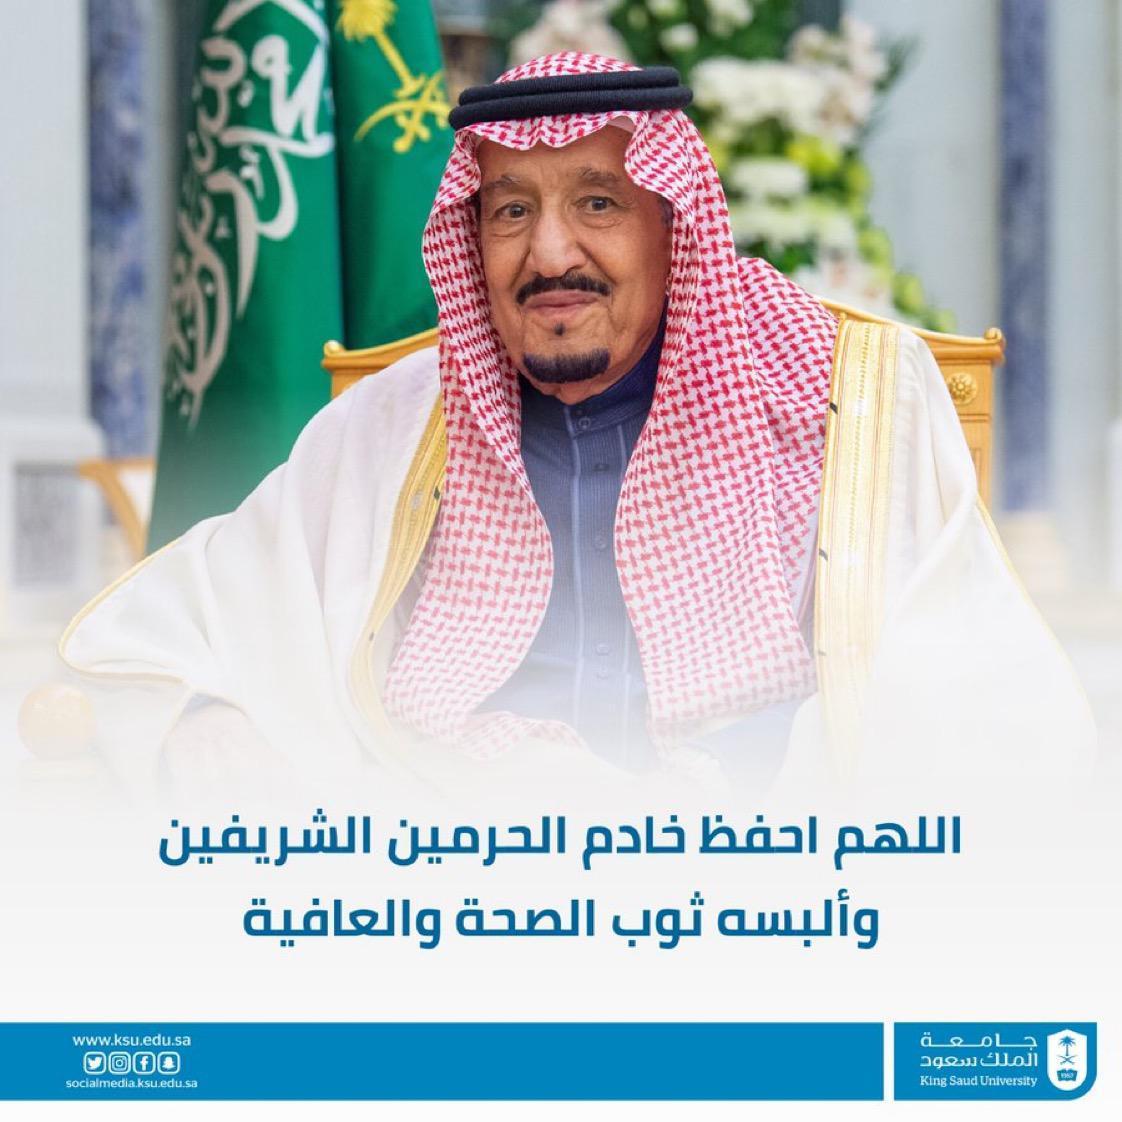 اللهم احفظ خادم الحرمين... -